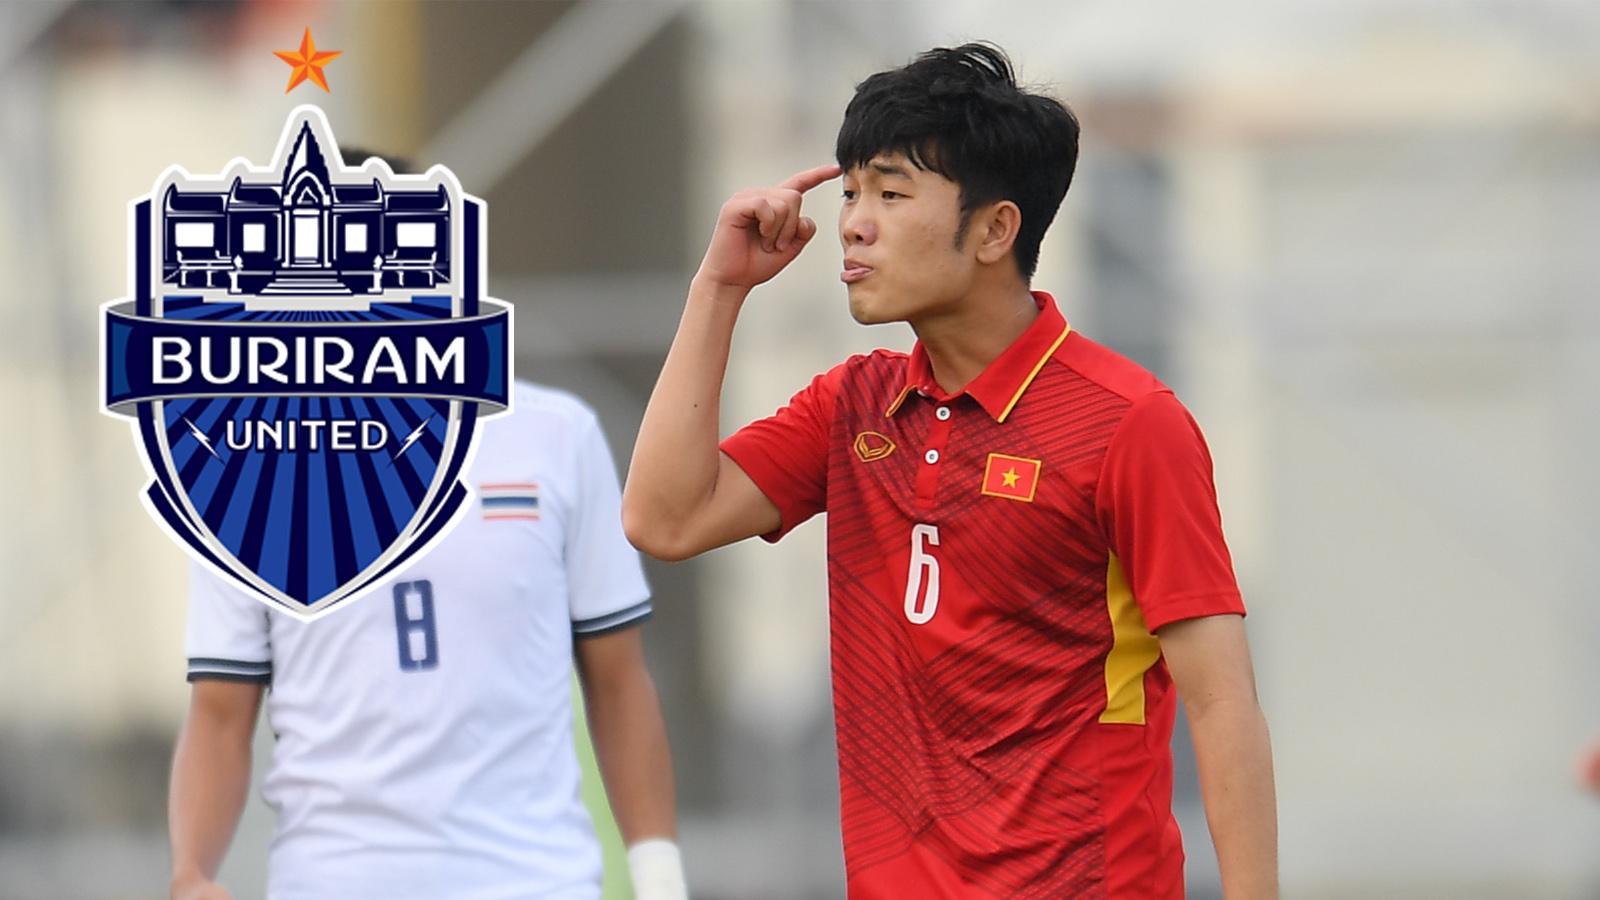 ทีมชาติเวียดนาม บุรีรัมย์ ยูไนเต็ด ฮอง อันห์ ยาลาย เลือง ซวน ตรวง ไทยลีก